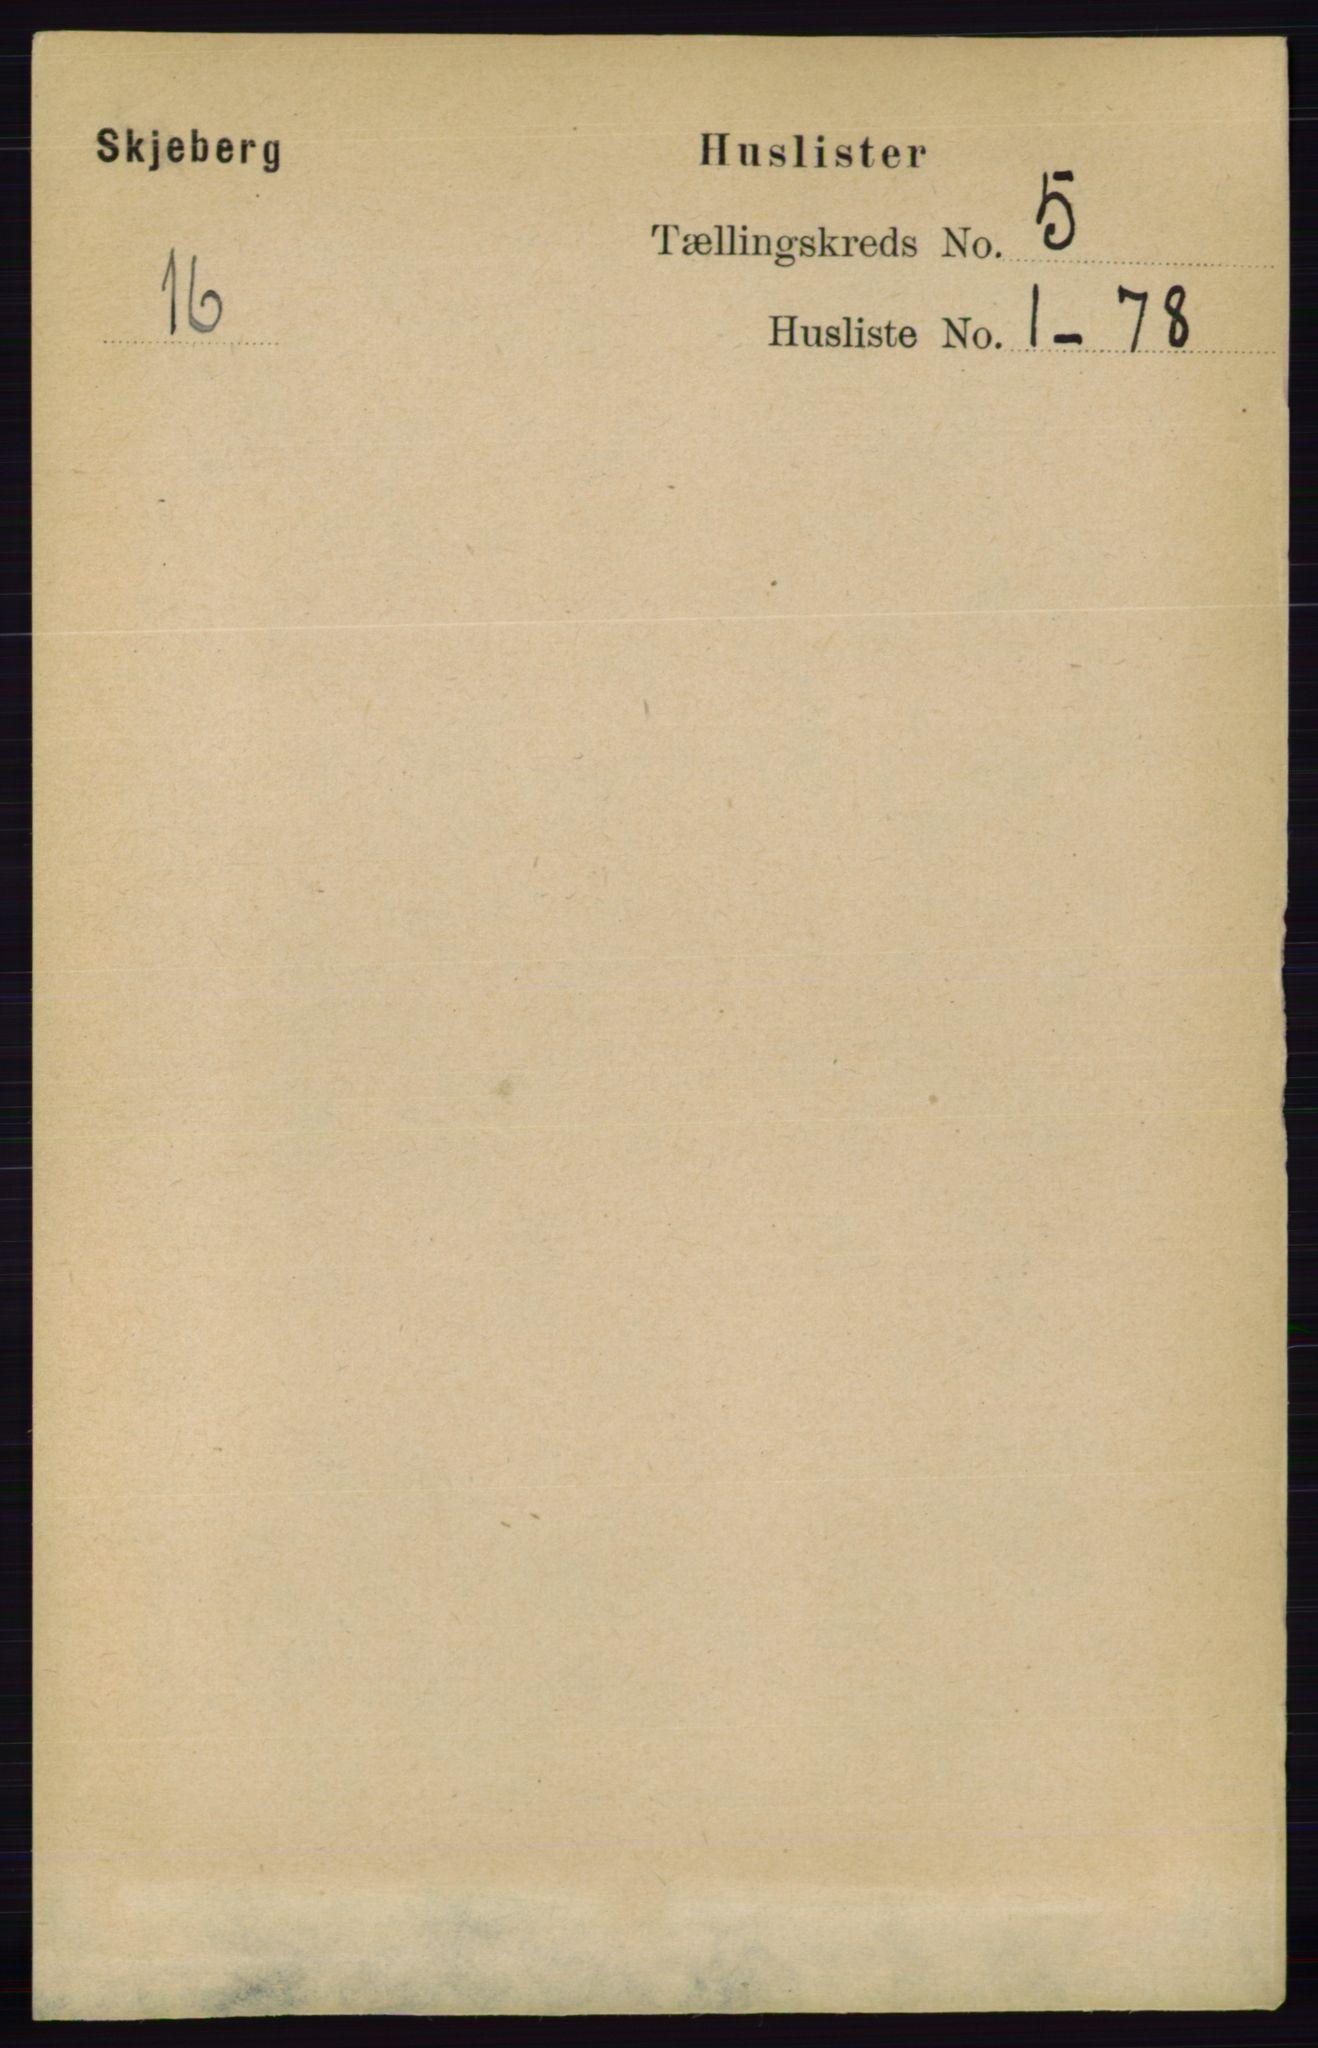 RA, Folketelling 1891 for 0115 Skjeberg herred, 1891, s. 2193